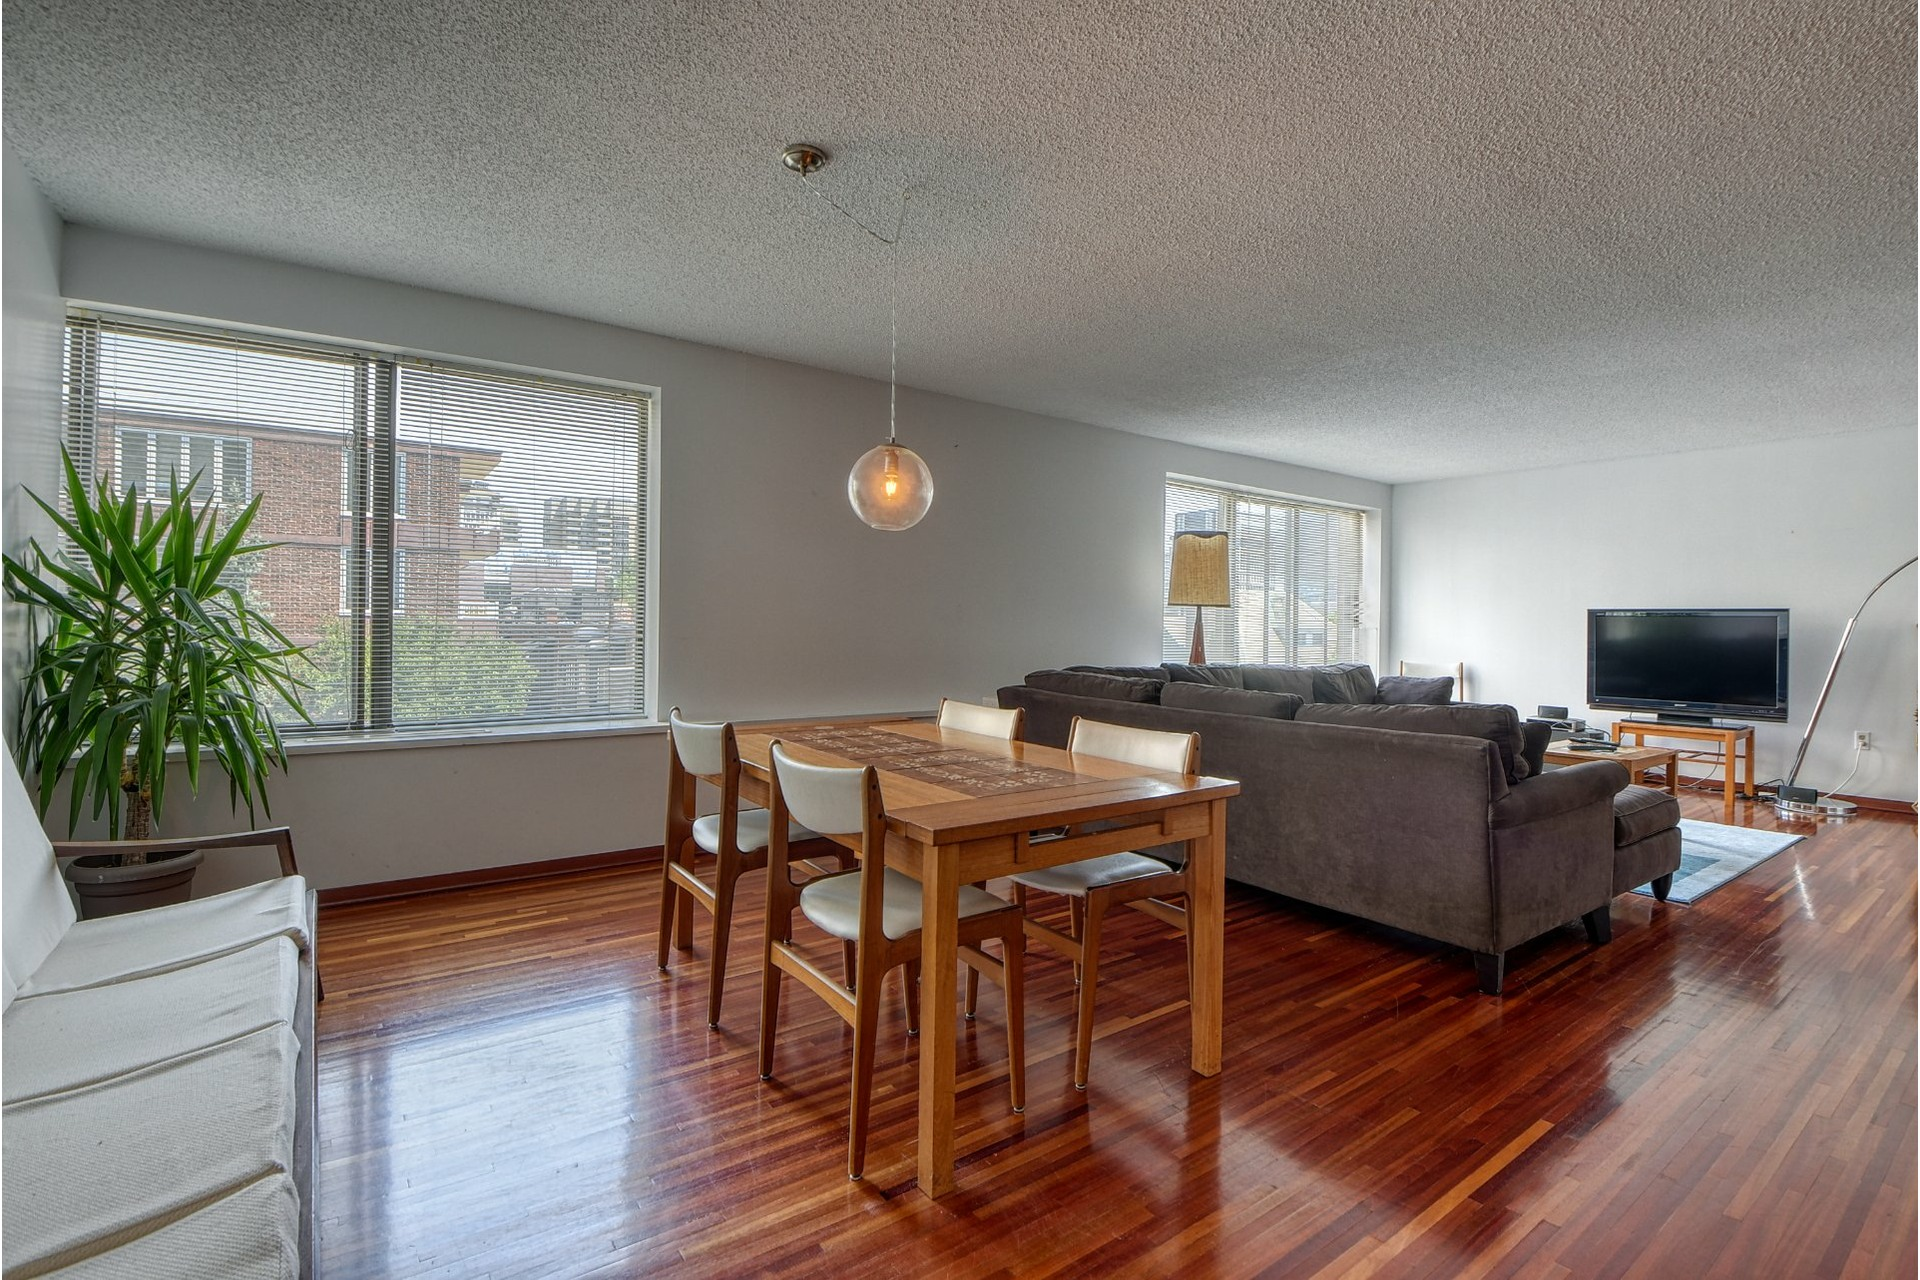 image 9 - Appartement À louer Ville-Marie Montréal  - 7 pièces